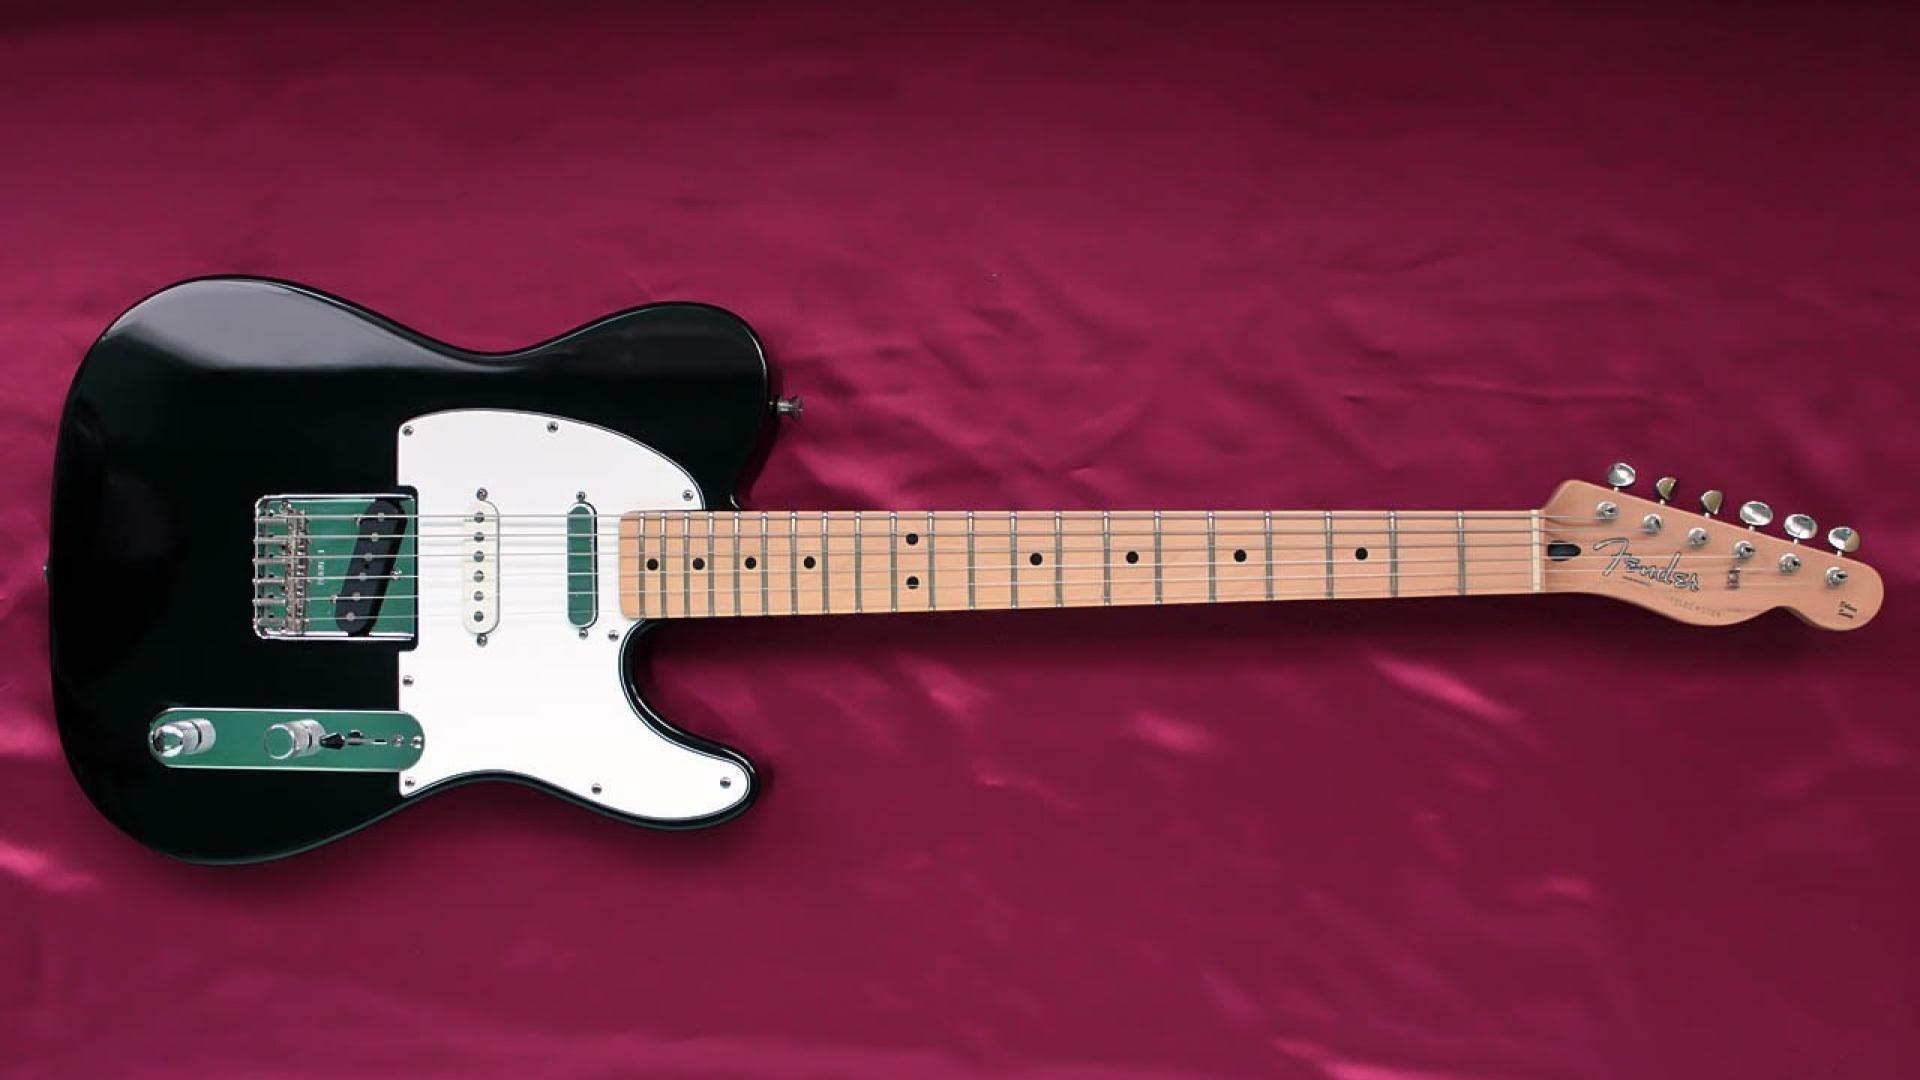 Fender guitars telecaster wallpaper 64571 1920x1080